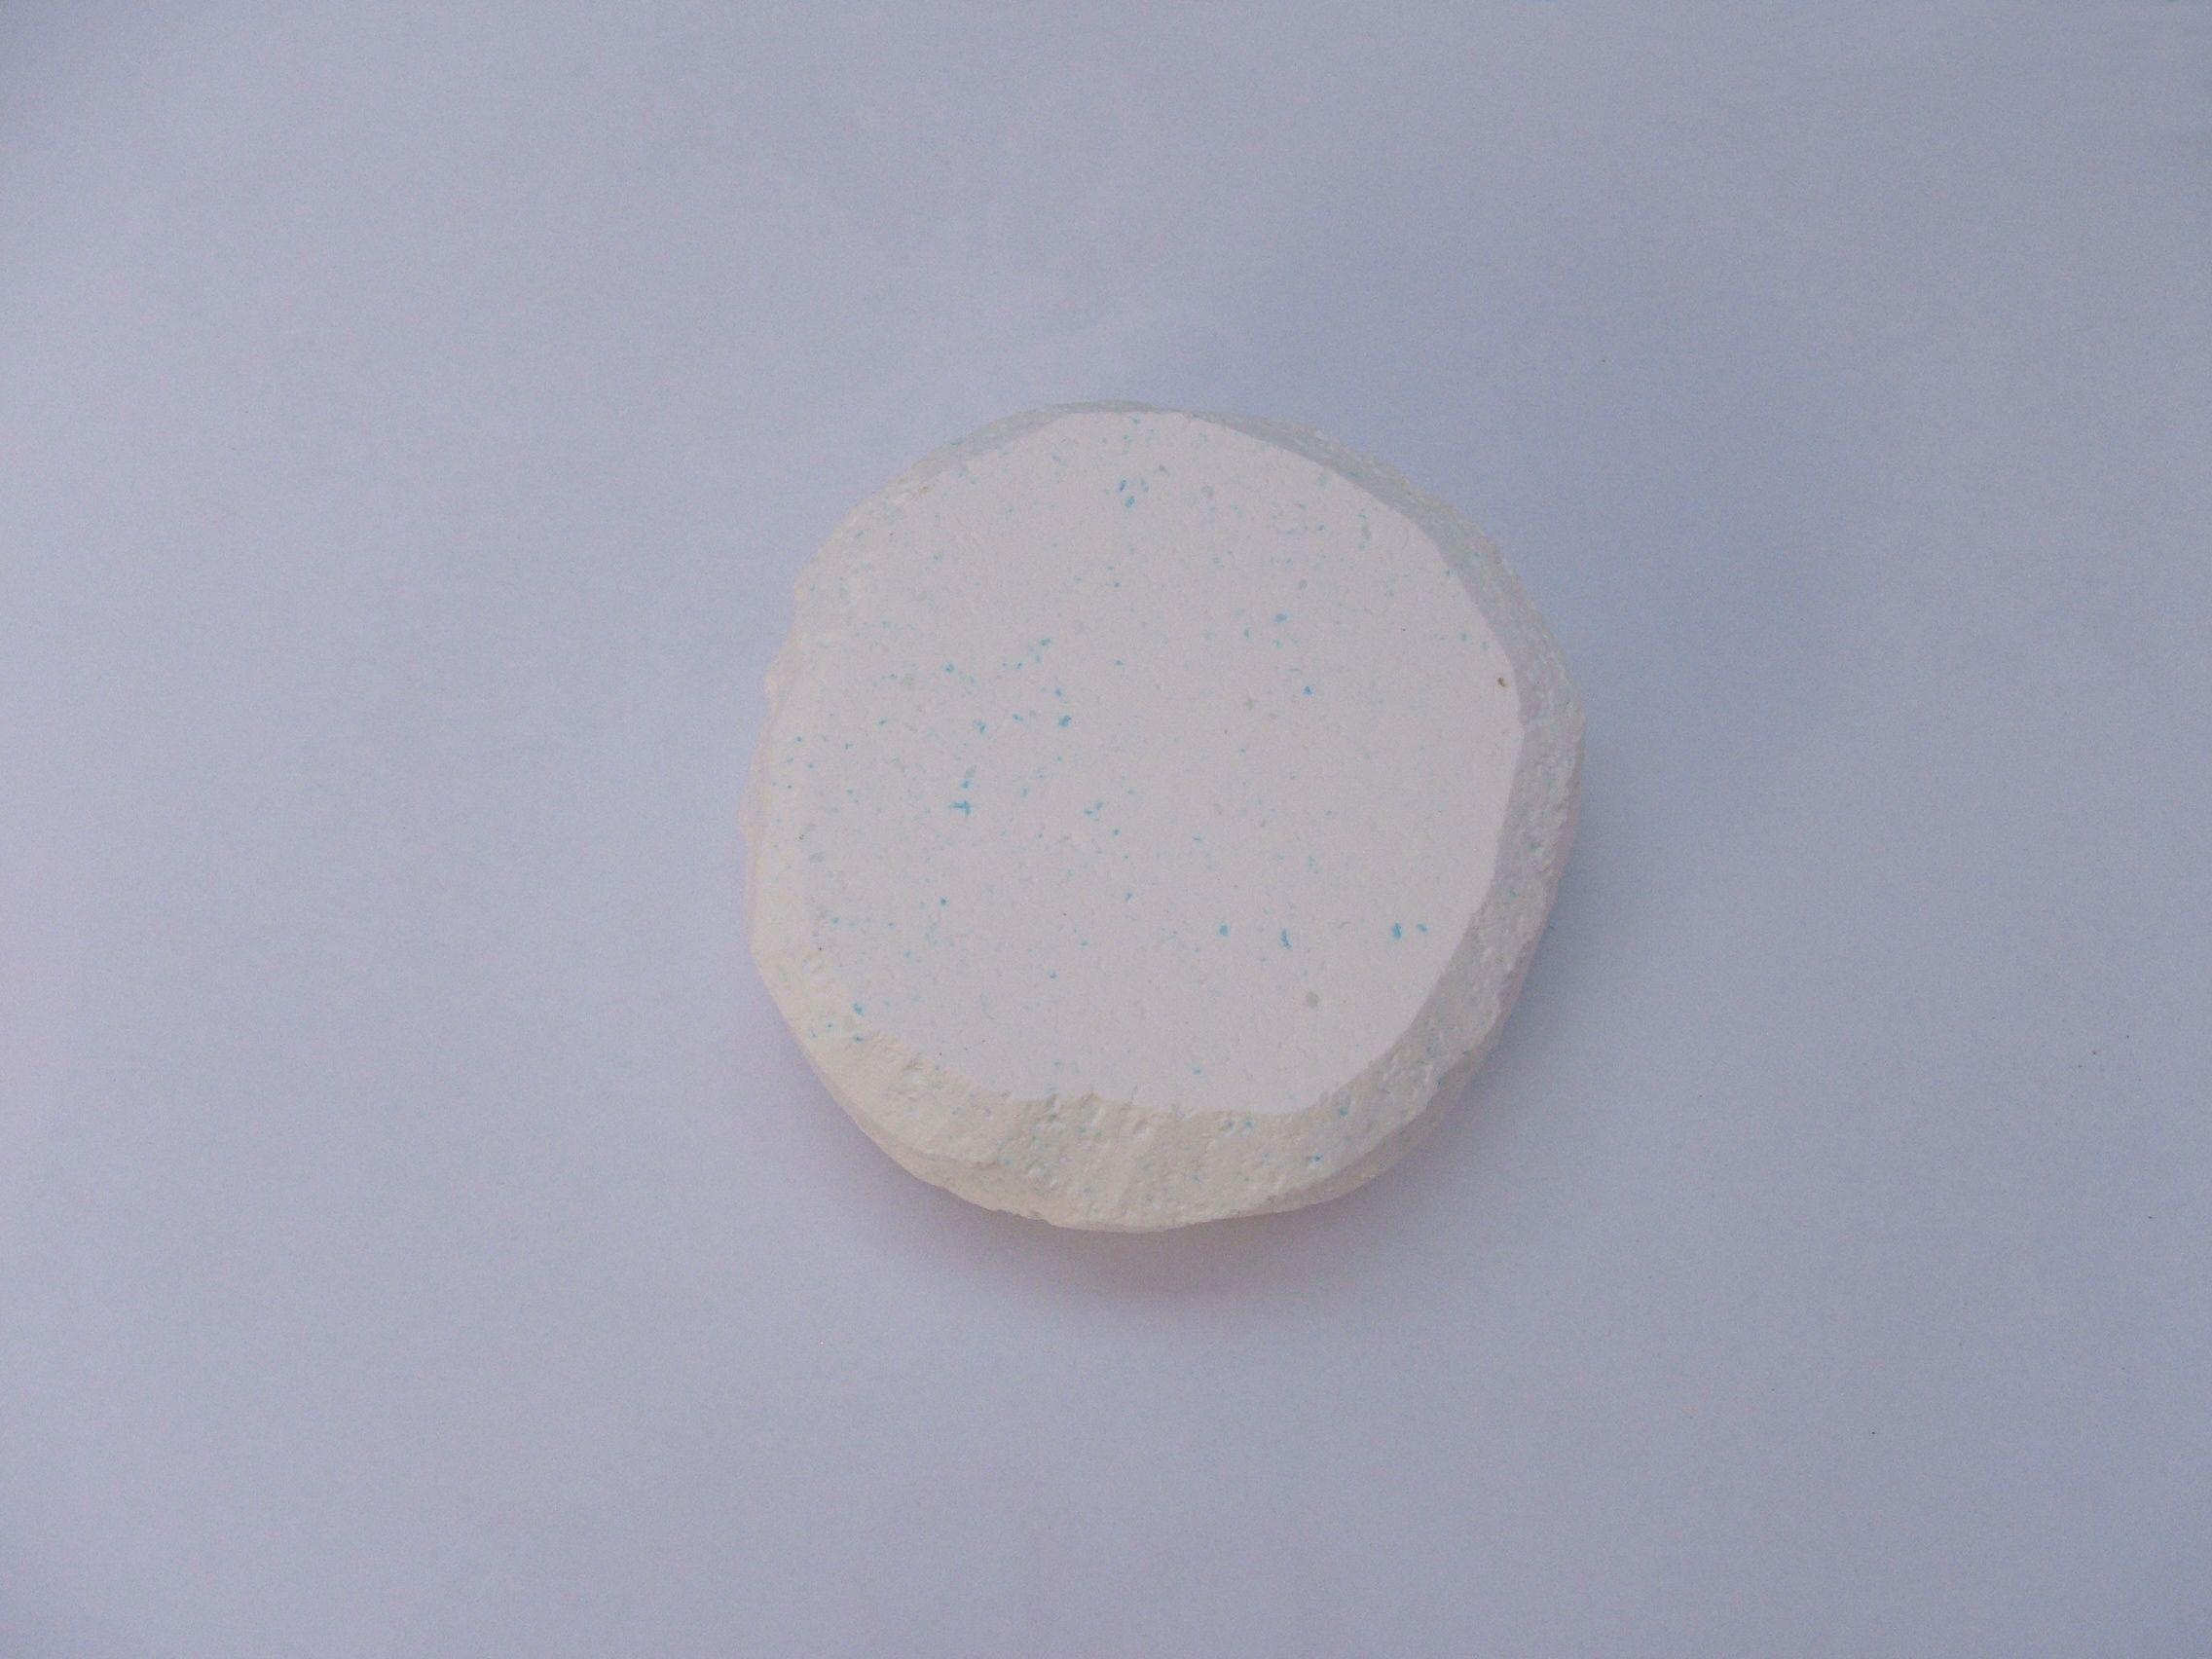 Pastillas de hipoclorito